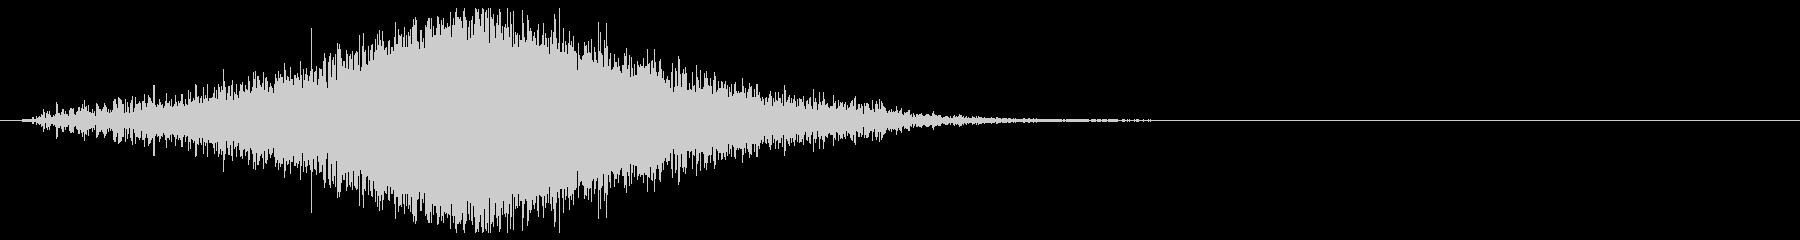 【効果音】フーシュ_上昇して下降の未再生の波形